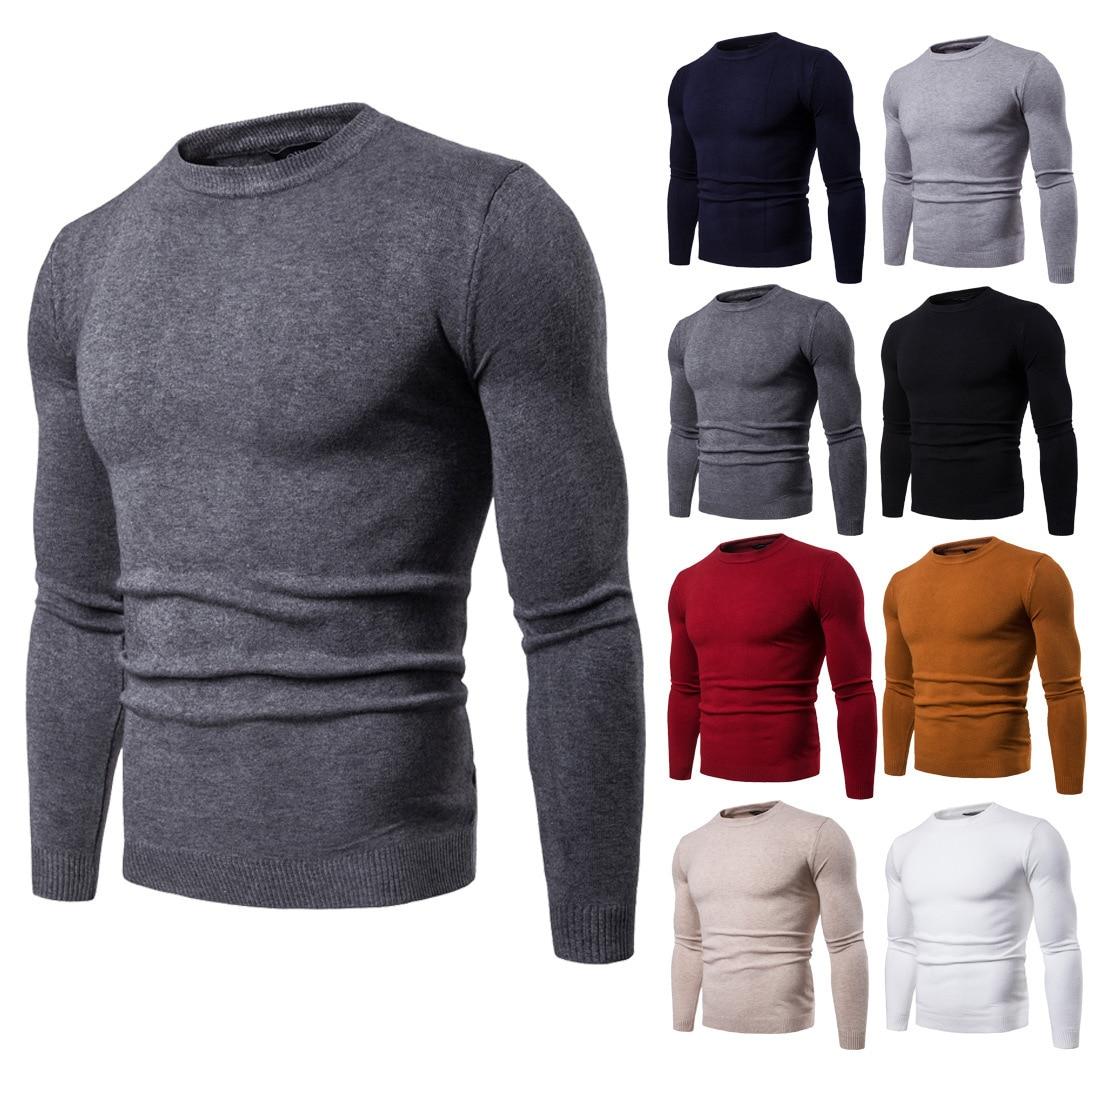 Vomint 2019 Neue Männer der Pulloves Rundhals Einfarbig Männer Pullover Langarm Pullover Grund Verschleiß Muss Haben Icon für Männlichen Mode